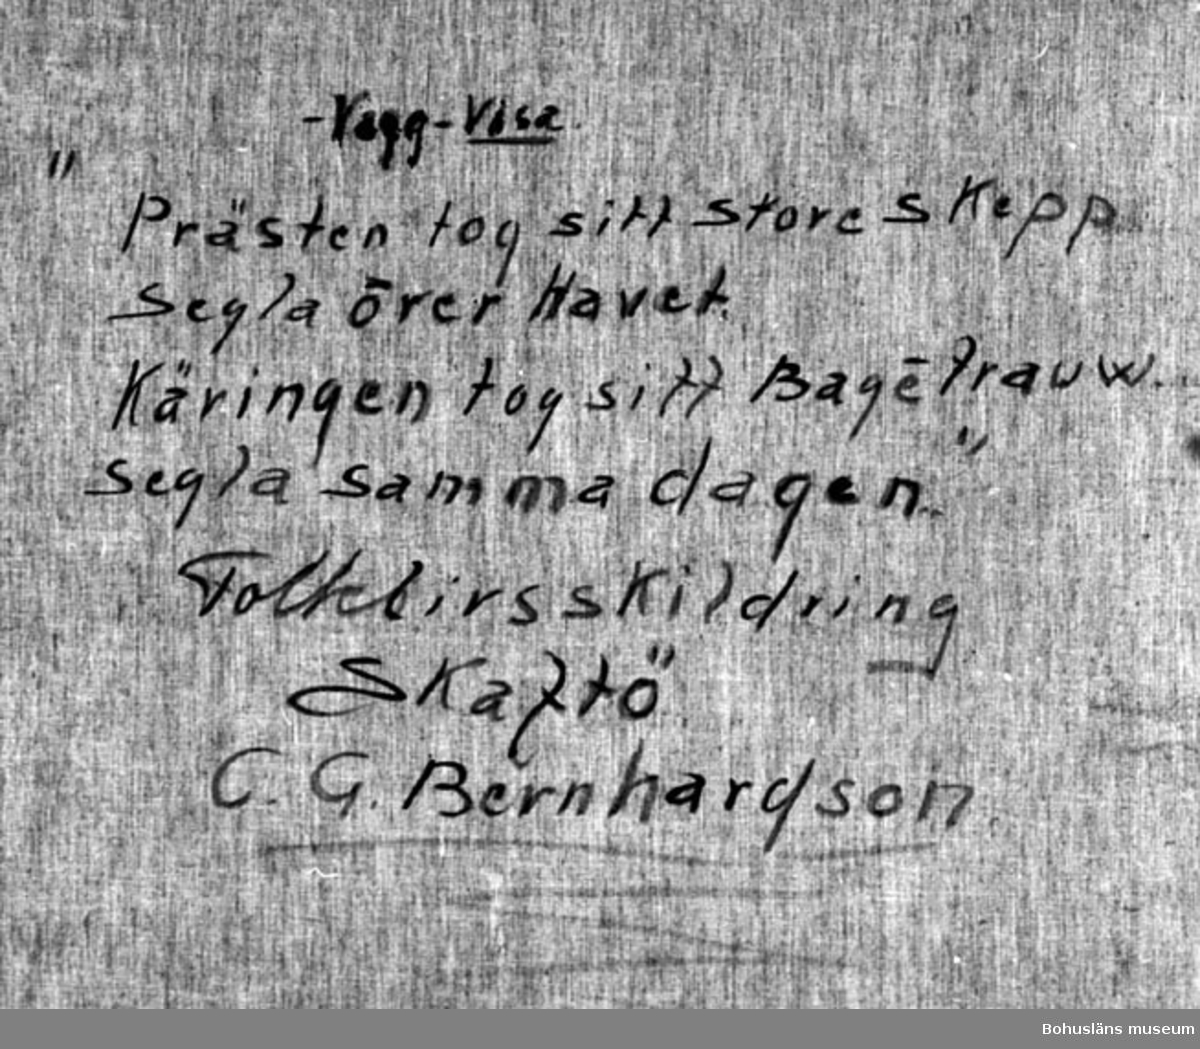 """Montering/ram: Ram, * forts.: Förv. från: för etnologi och folklore.  394 Landskap Bohuslän 594 Landskap Bohuslän  Baksidestext:  """"-Vagg-Visa. """"Prästen tog sitt store skepp Segla över Havet Käringen tog sitt Bagétrauw Segla samma dagen"""" Folklivsskildring Skaftö C.G. Bernhardson.""""  Ordförklaring: Bagétrauw = dial. för baktråg.  Övrig historik; se CGB001."""